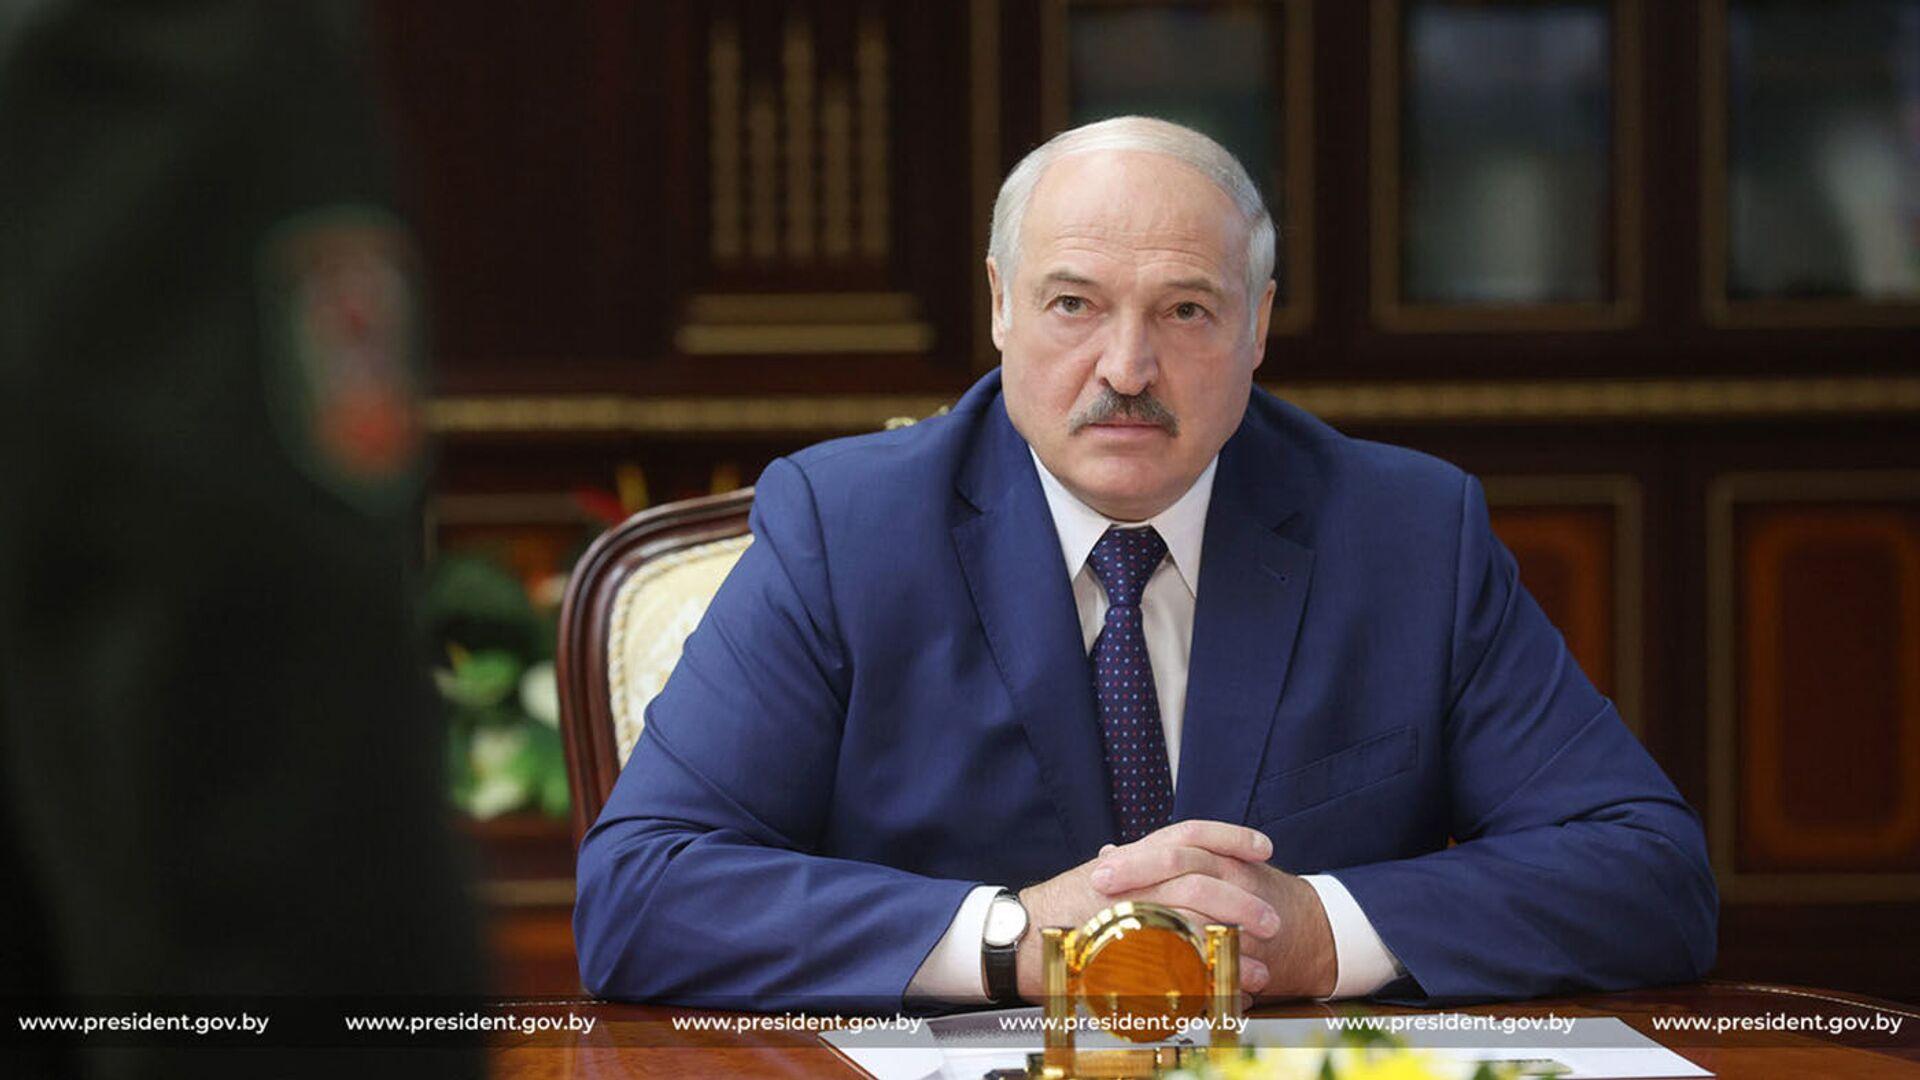 Běloruský prezident Alexandr Lukašenko  - Sputnik Česká republika, 1920, 12.09.2021